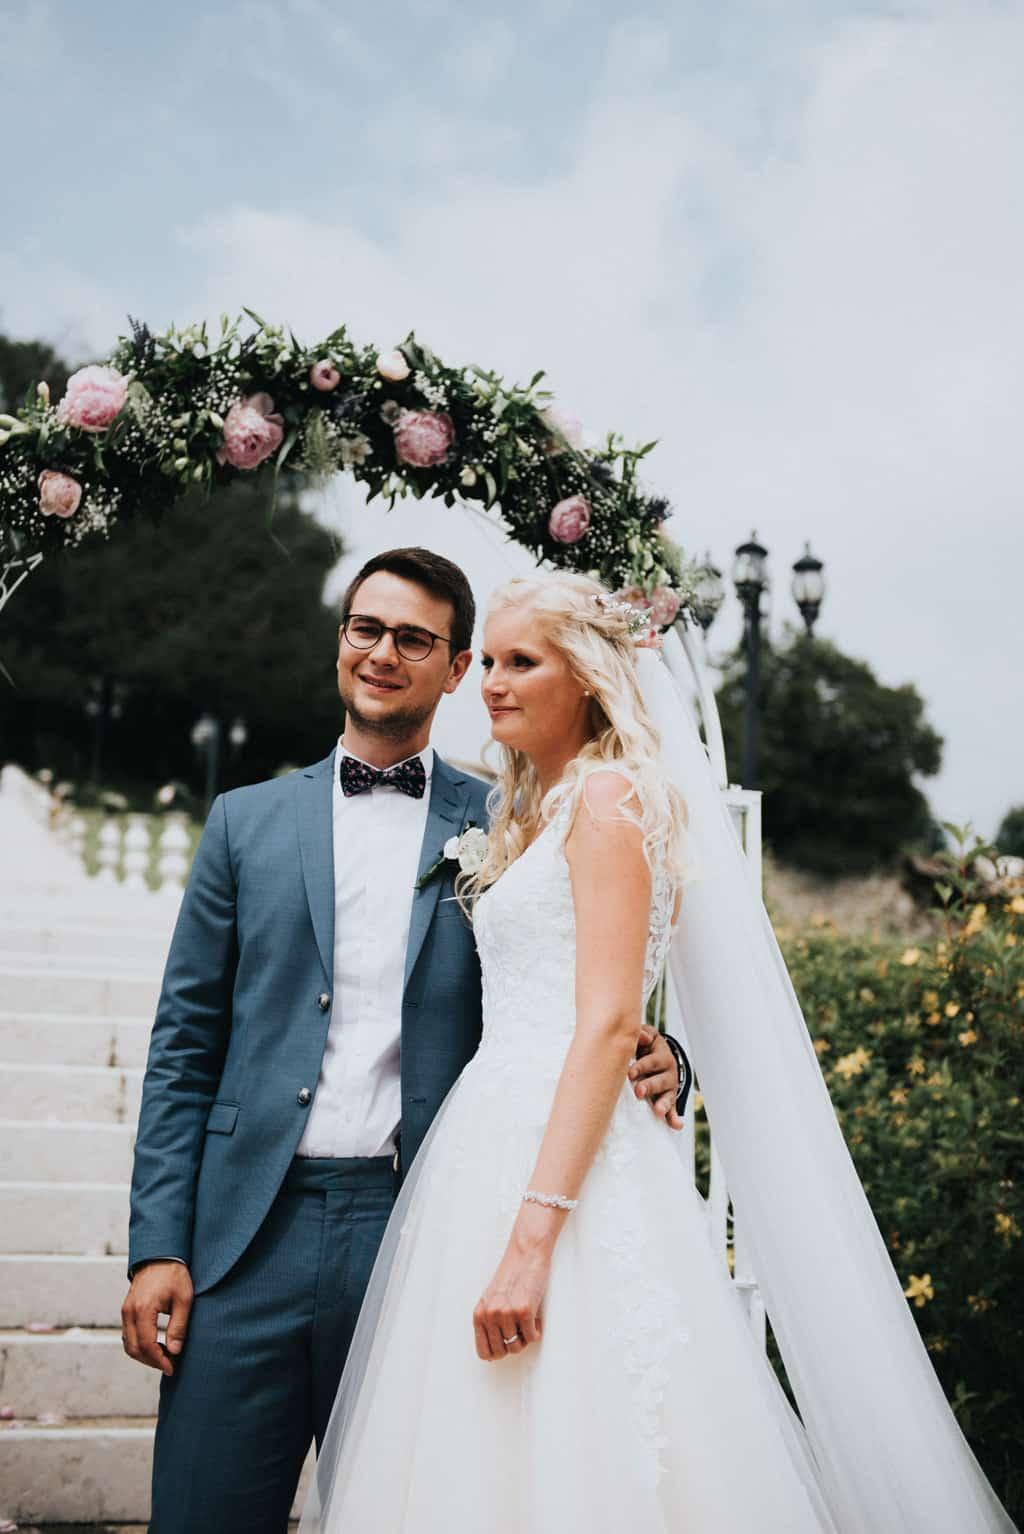 786 wedding in villa cariola Da Monaco alla Valpolicella   matrimonio Villa Cariola